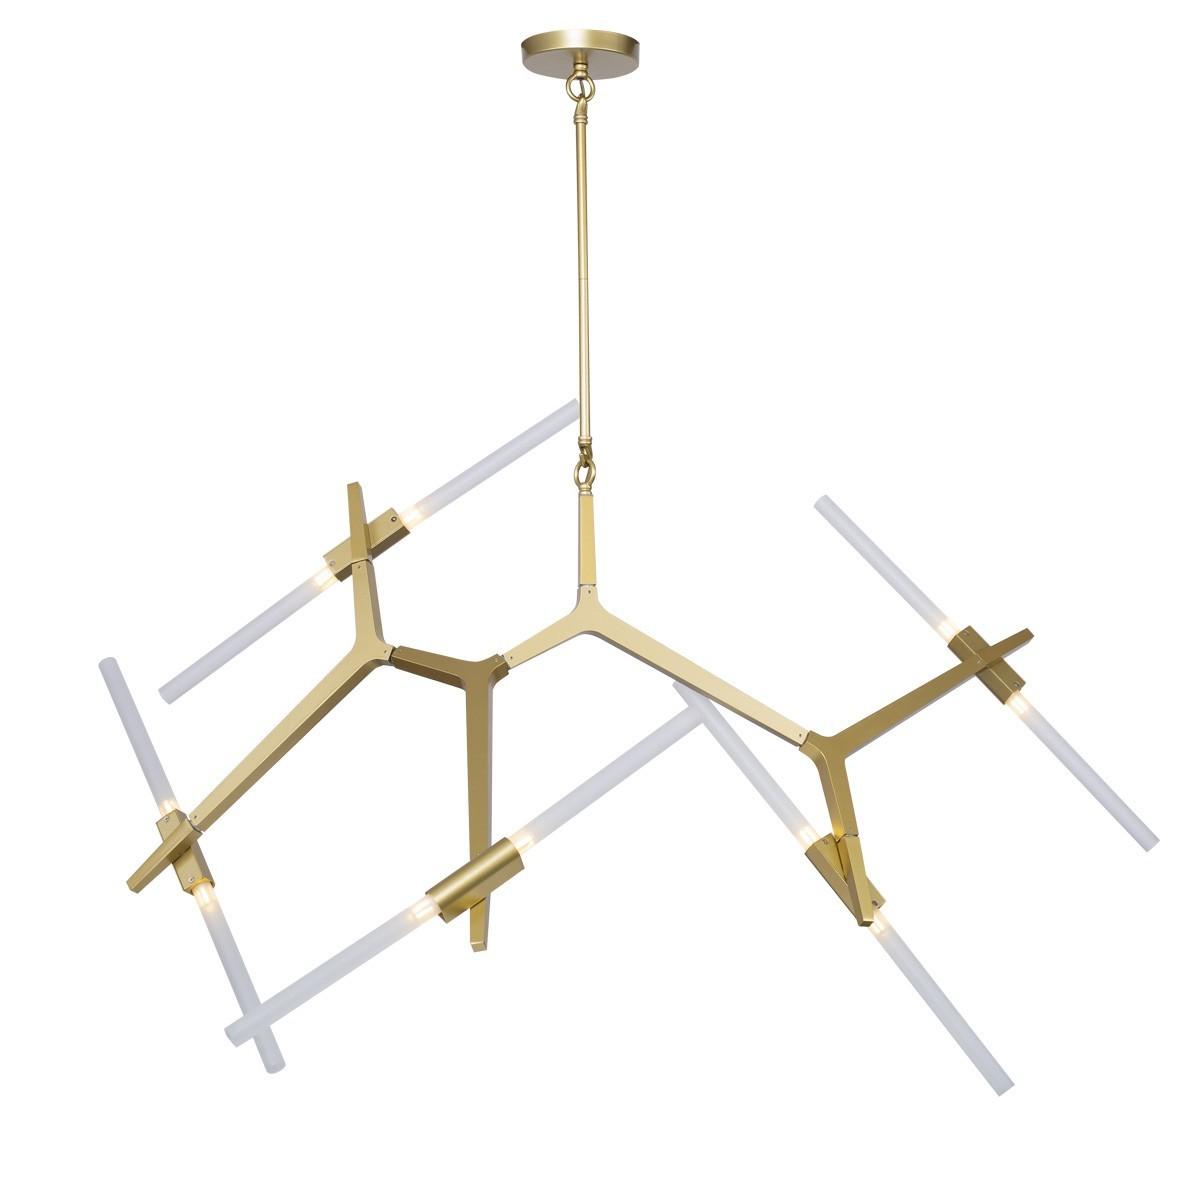 Lampa wisząca STICKS-10 złota ST-1001-10 gold - Step into design Do -17% rabatu w koszyku i darmowa dostawa od 299zł !